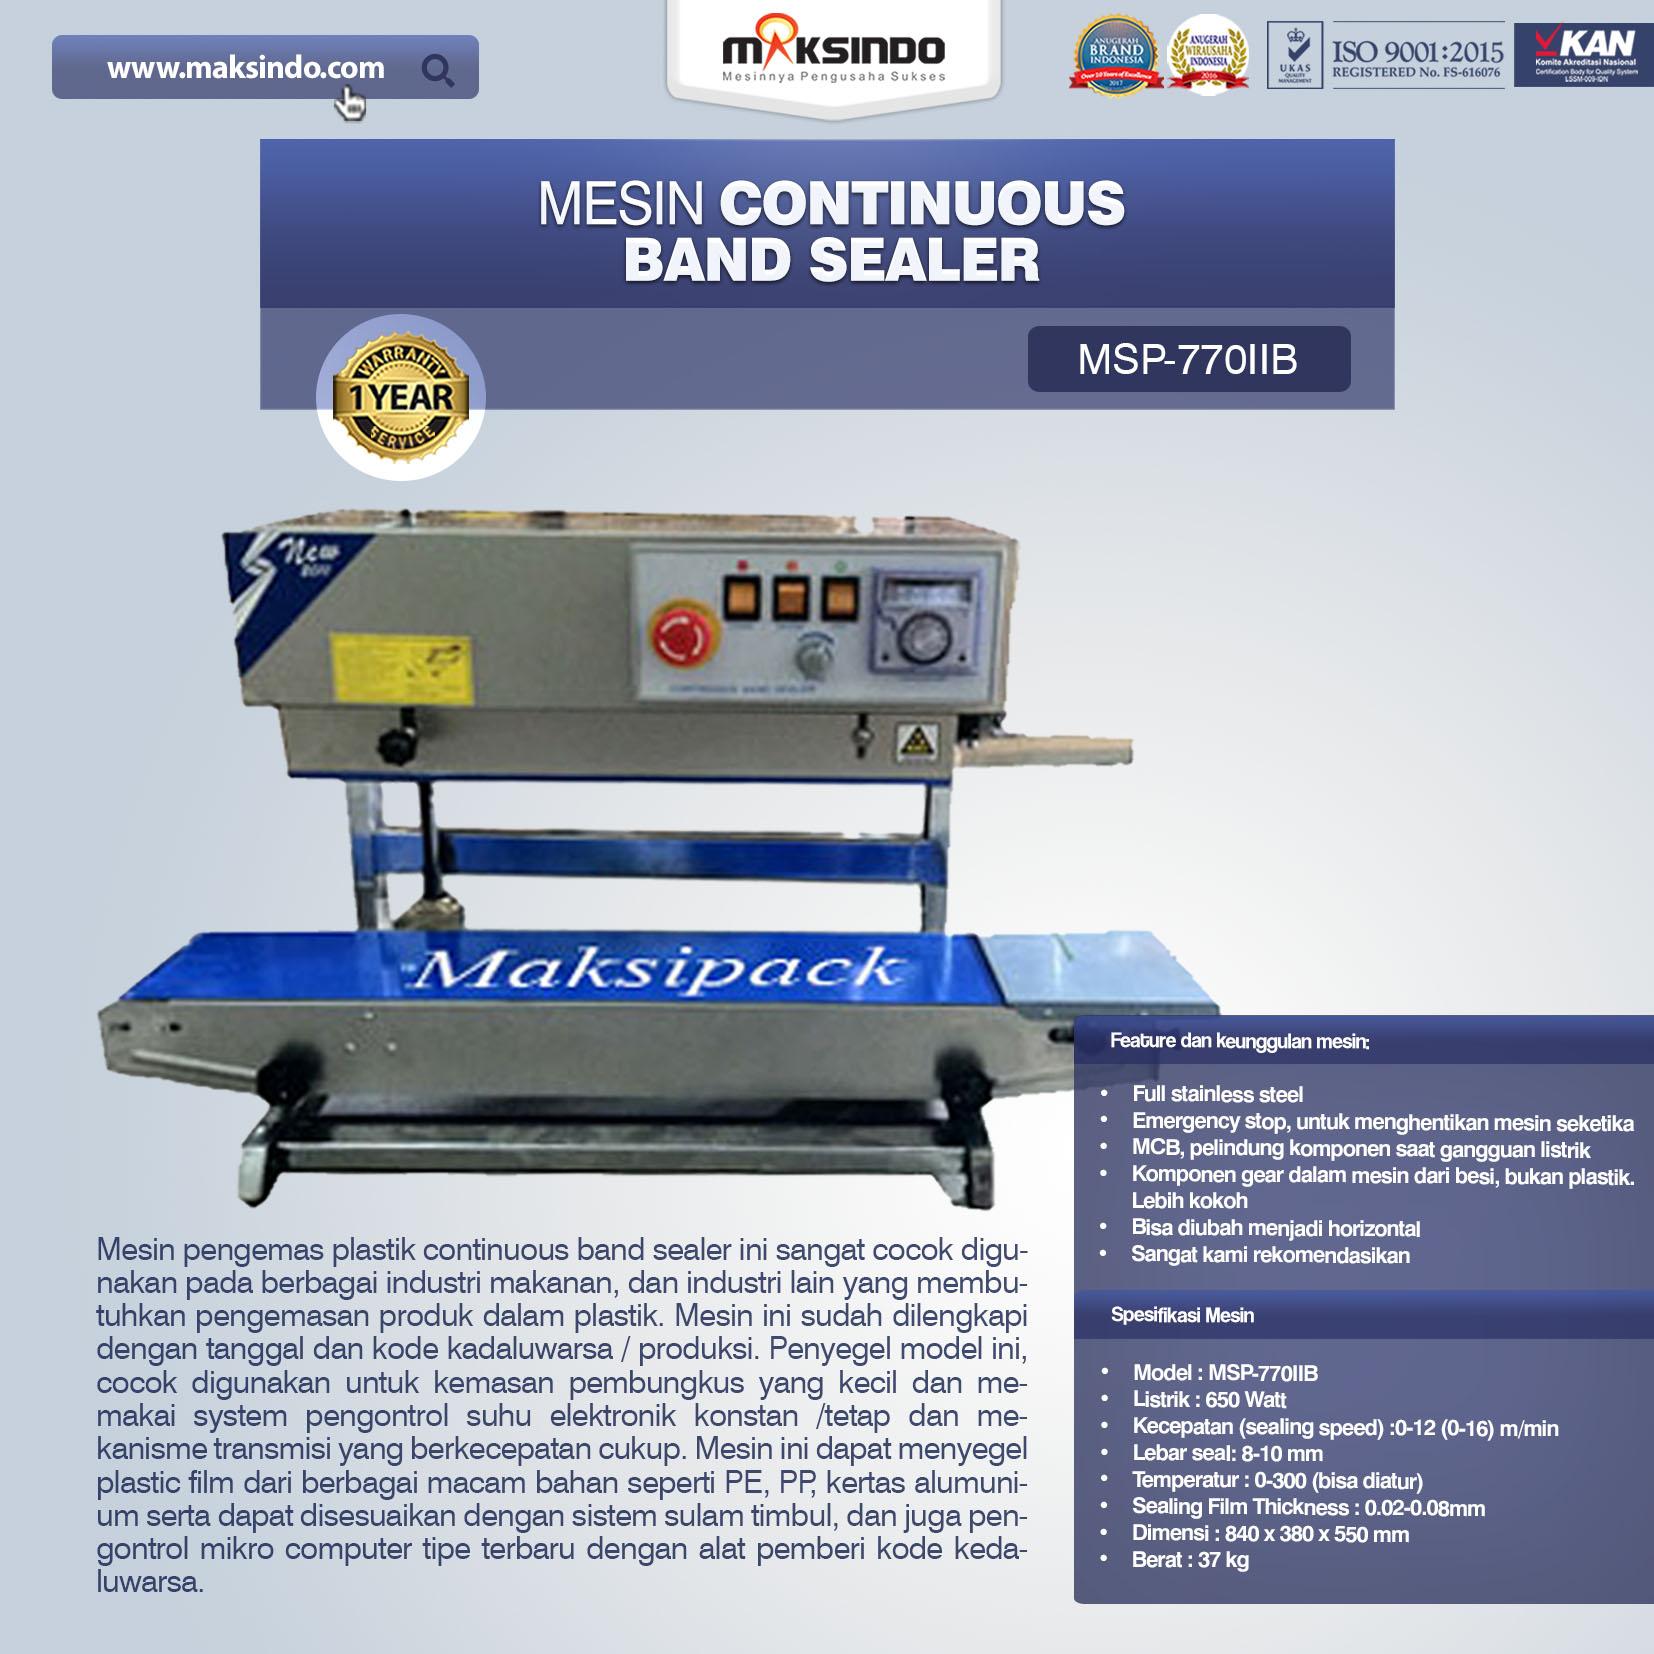 Jual Mesin Continuous Band Sealer MSP-770IIB di Bali